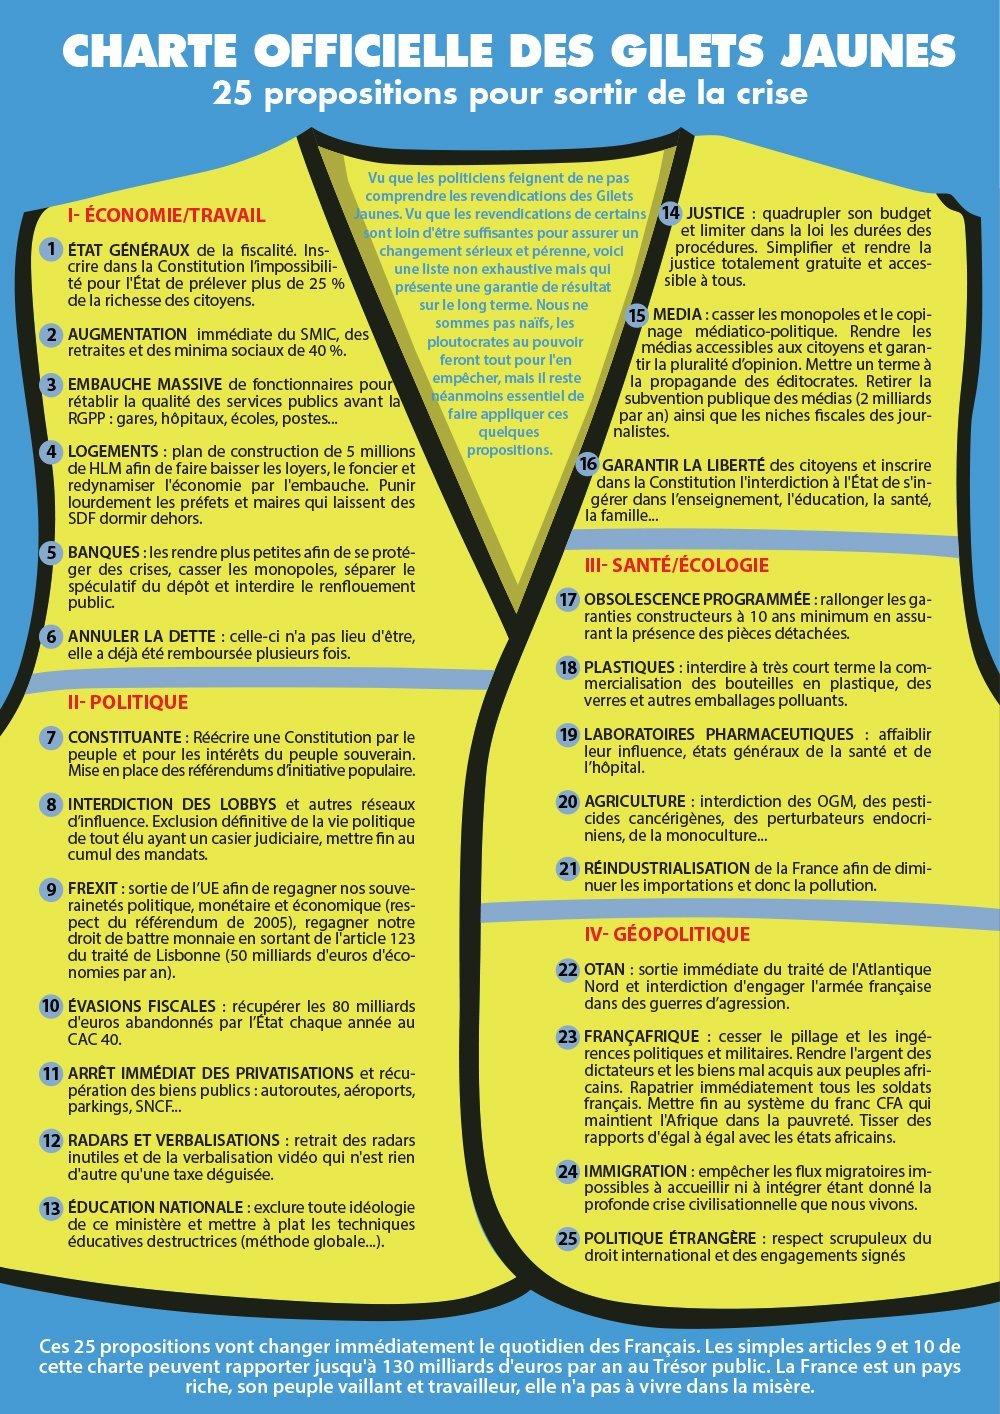 """Hnutí """"Žluté Vesty"""" vydalo politický program který požadují splnit"""